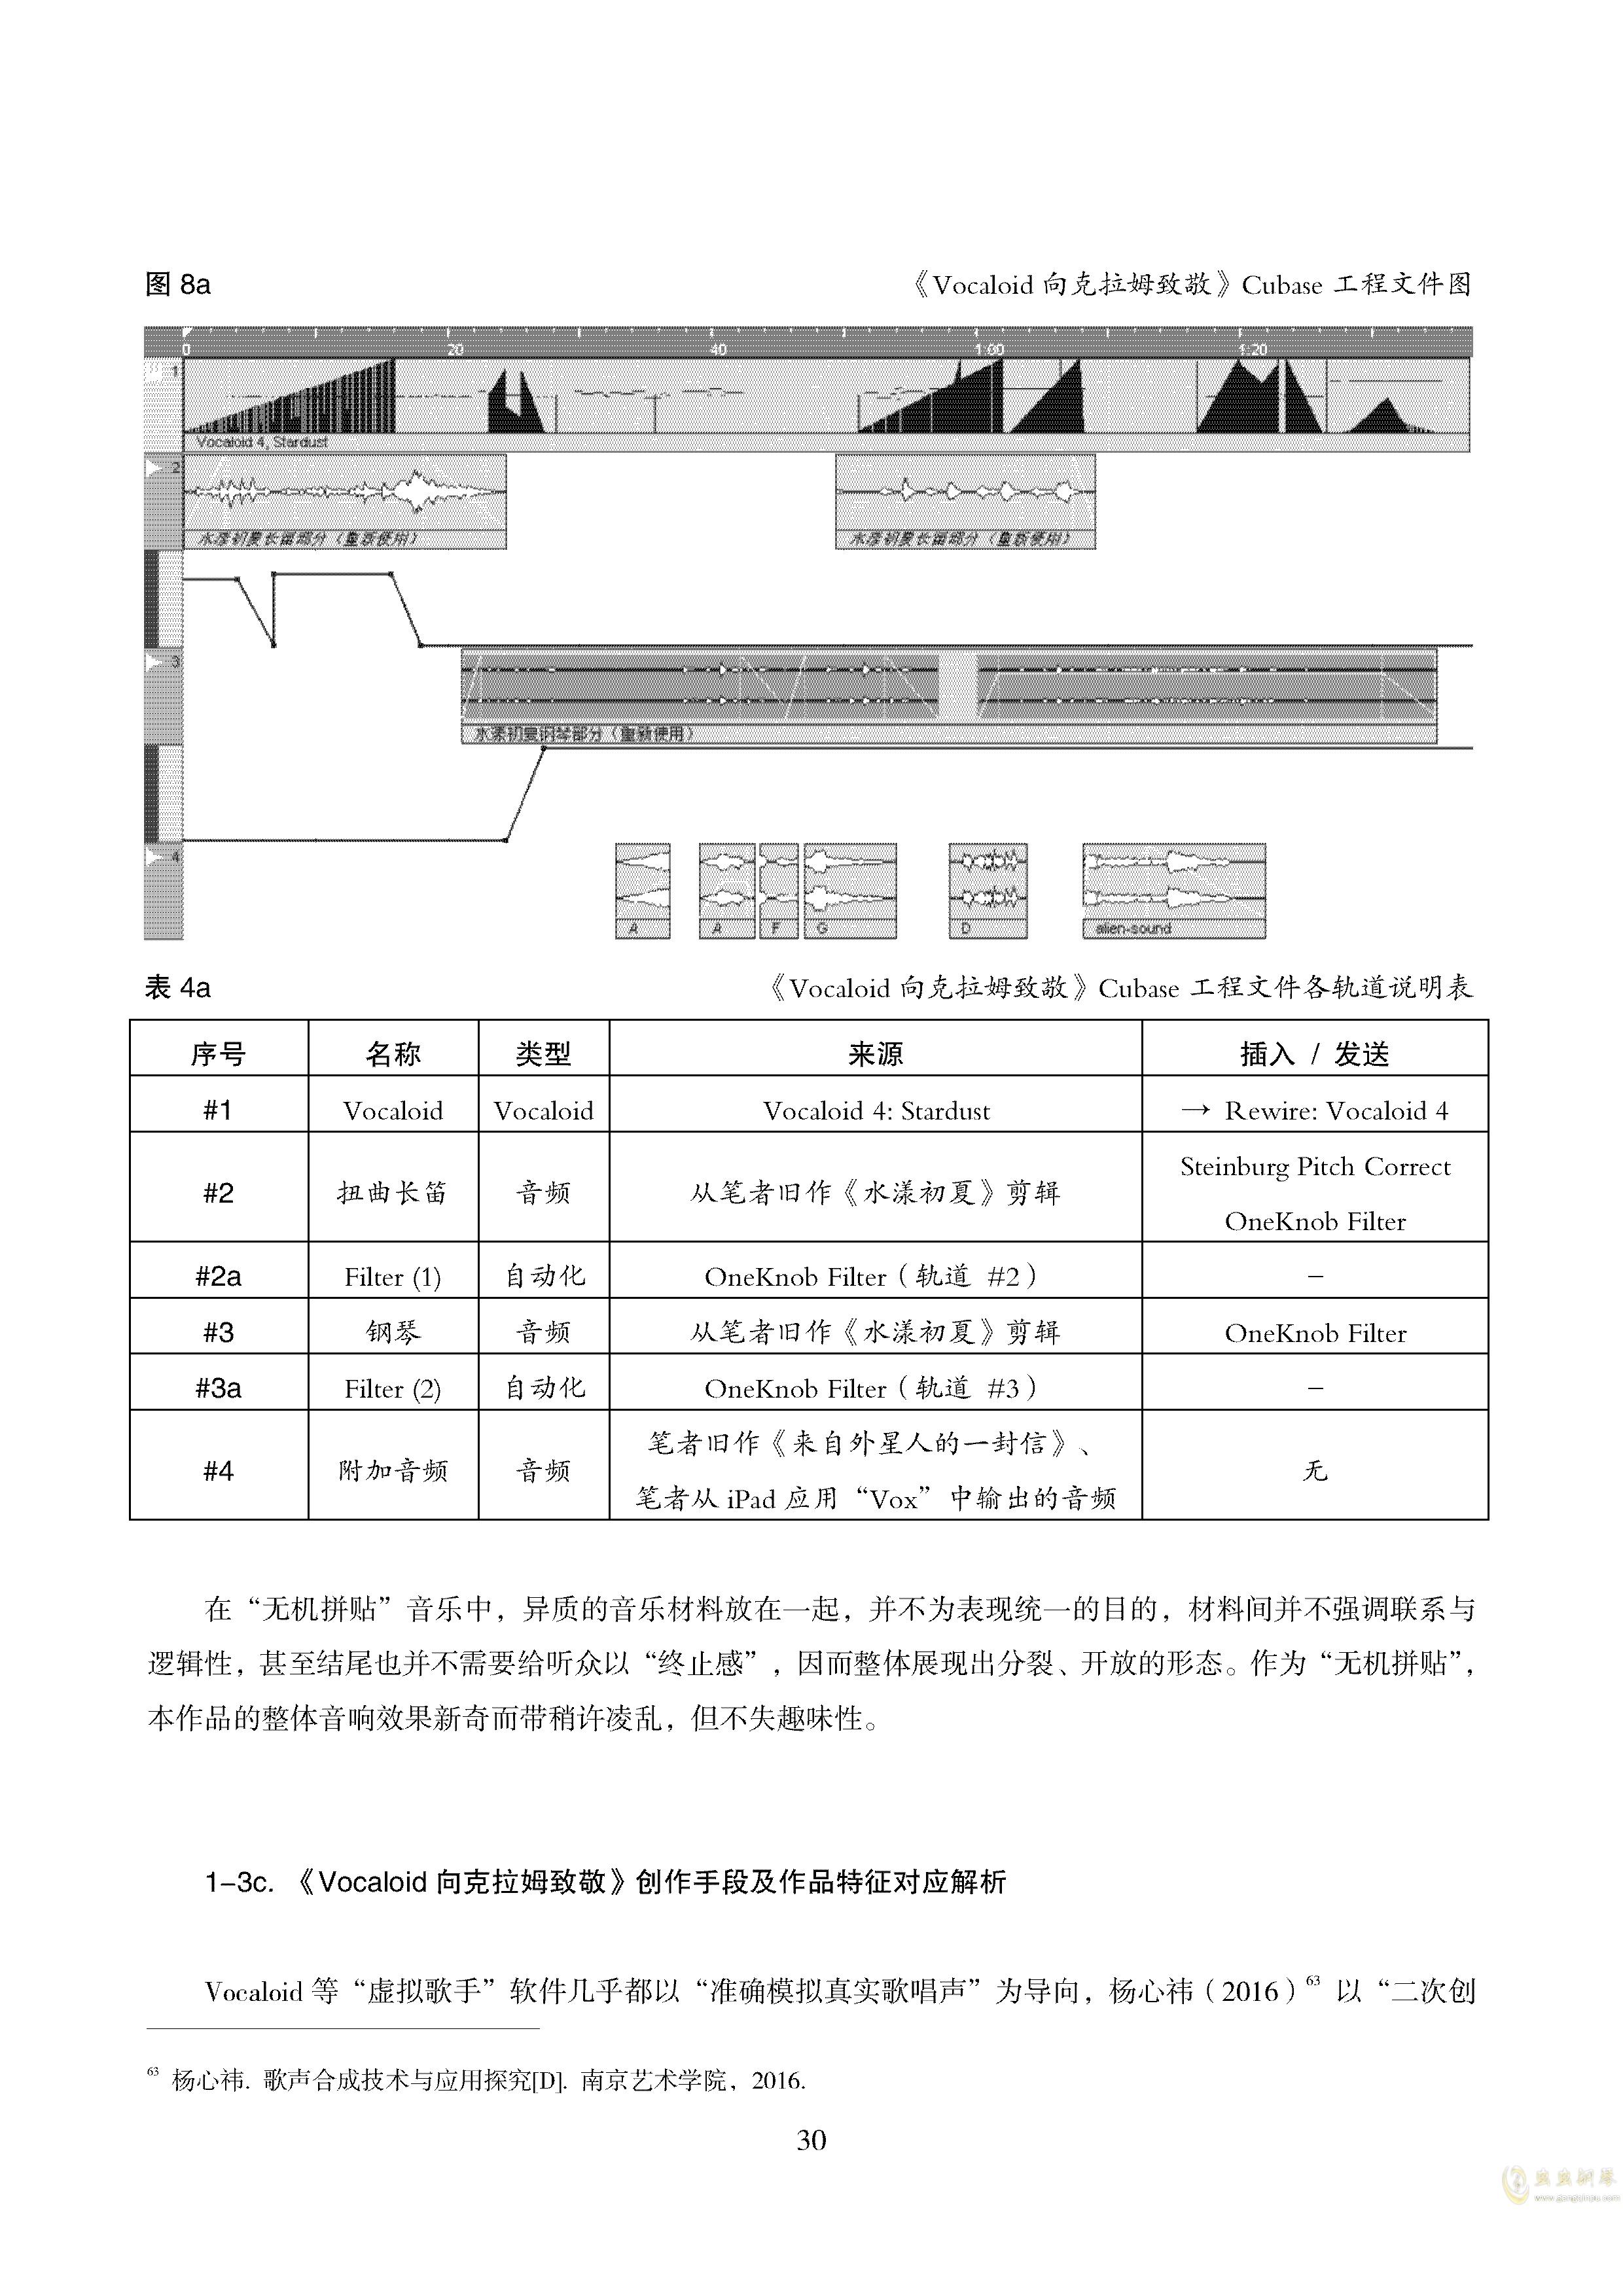 真·硕士论文ag88环亚娱乐谱 第34页